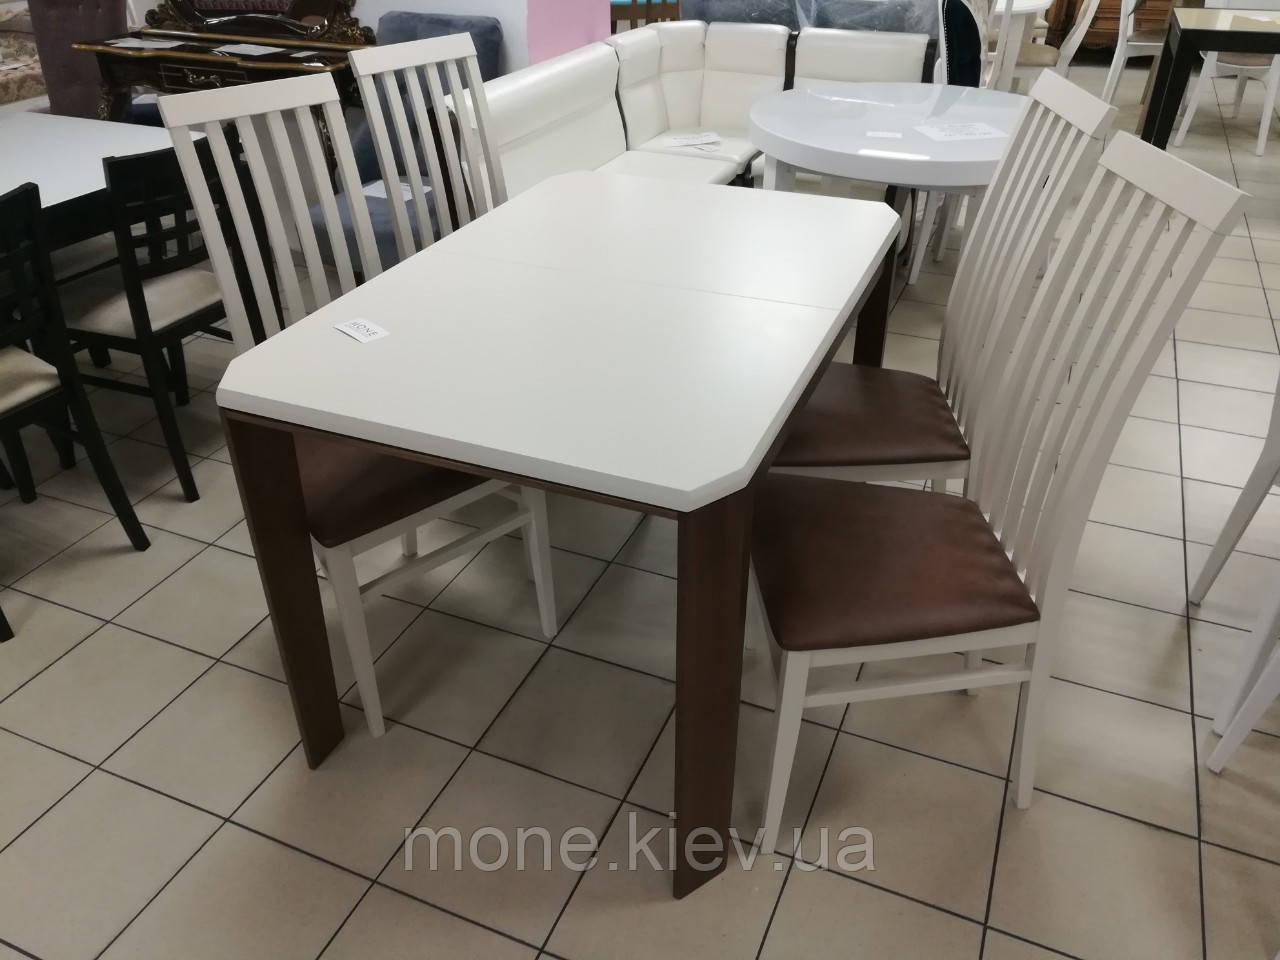 """Кухонная группа """"Джокер"""" стол + 4 стула (В НАЛИЧИИ)"""